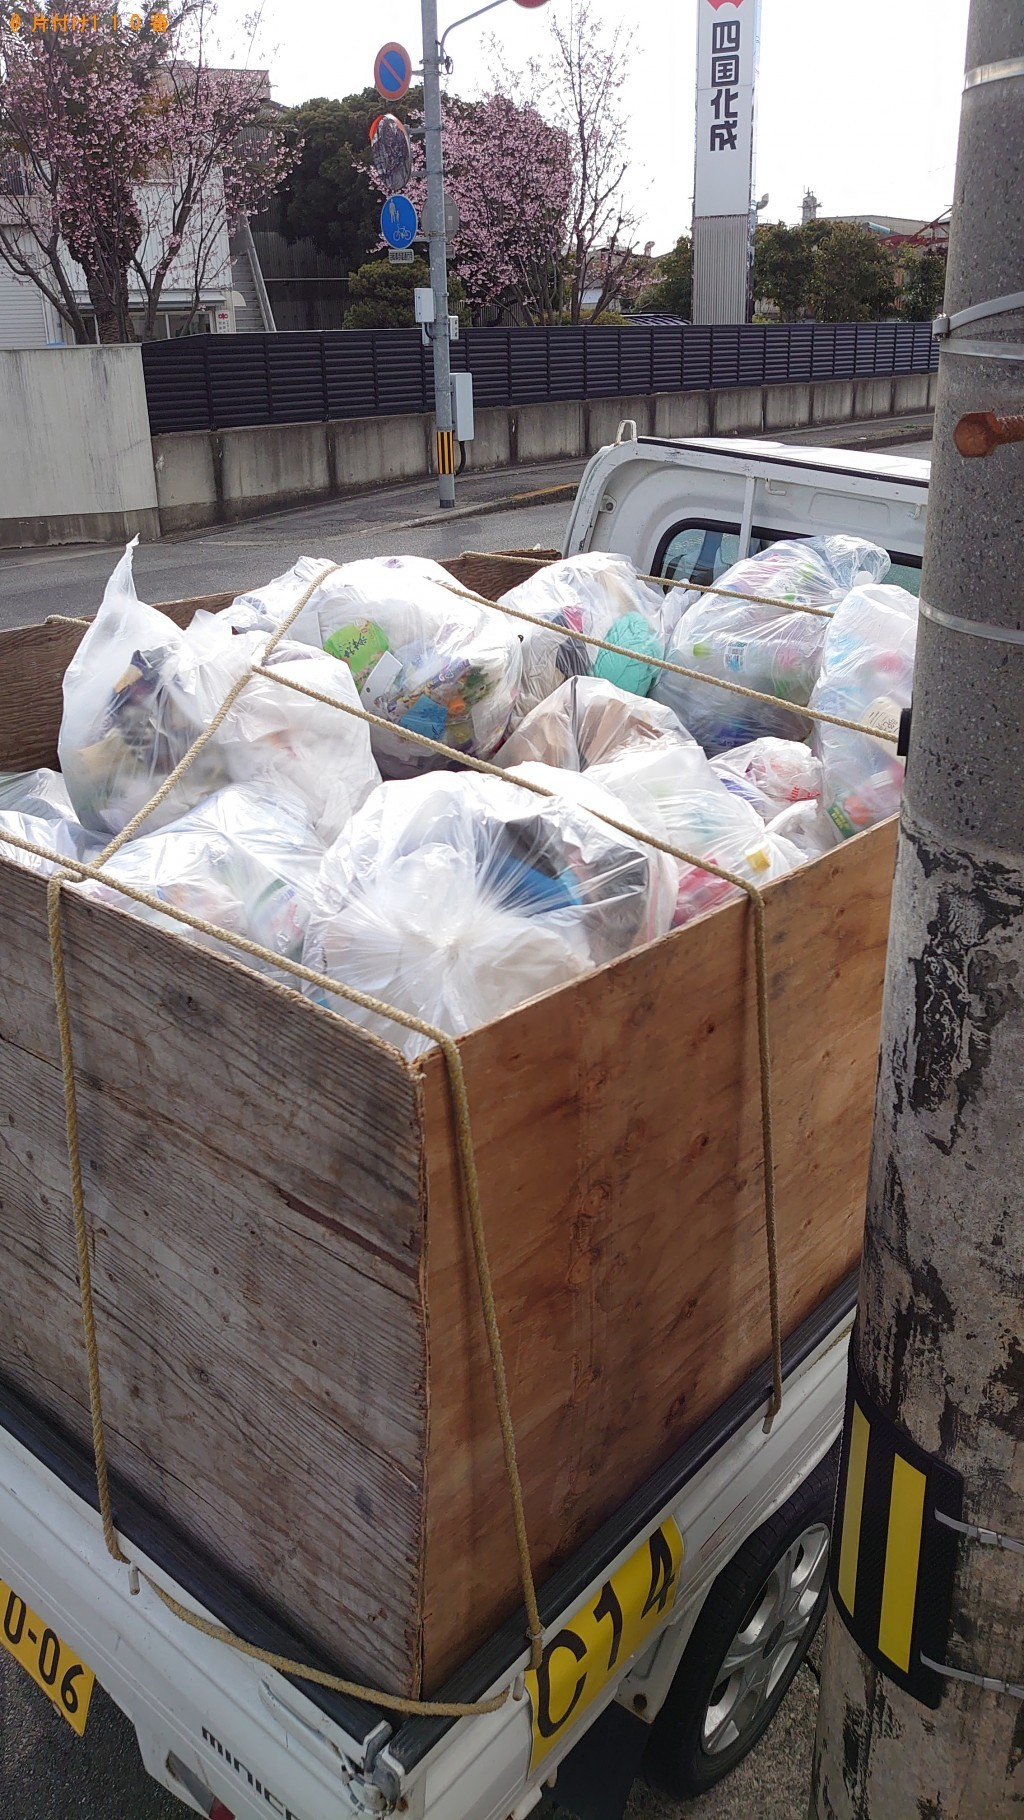 【板野郡北島町】軽トラック1台程度の出張不用品の回収・処分ご依頼